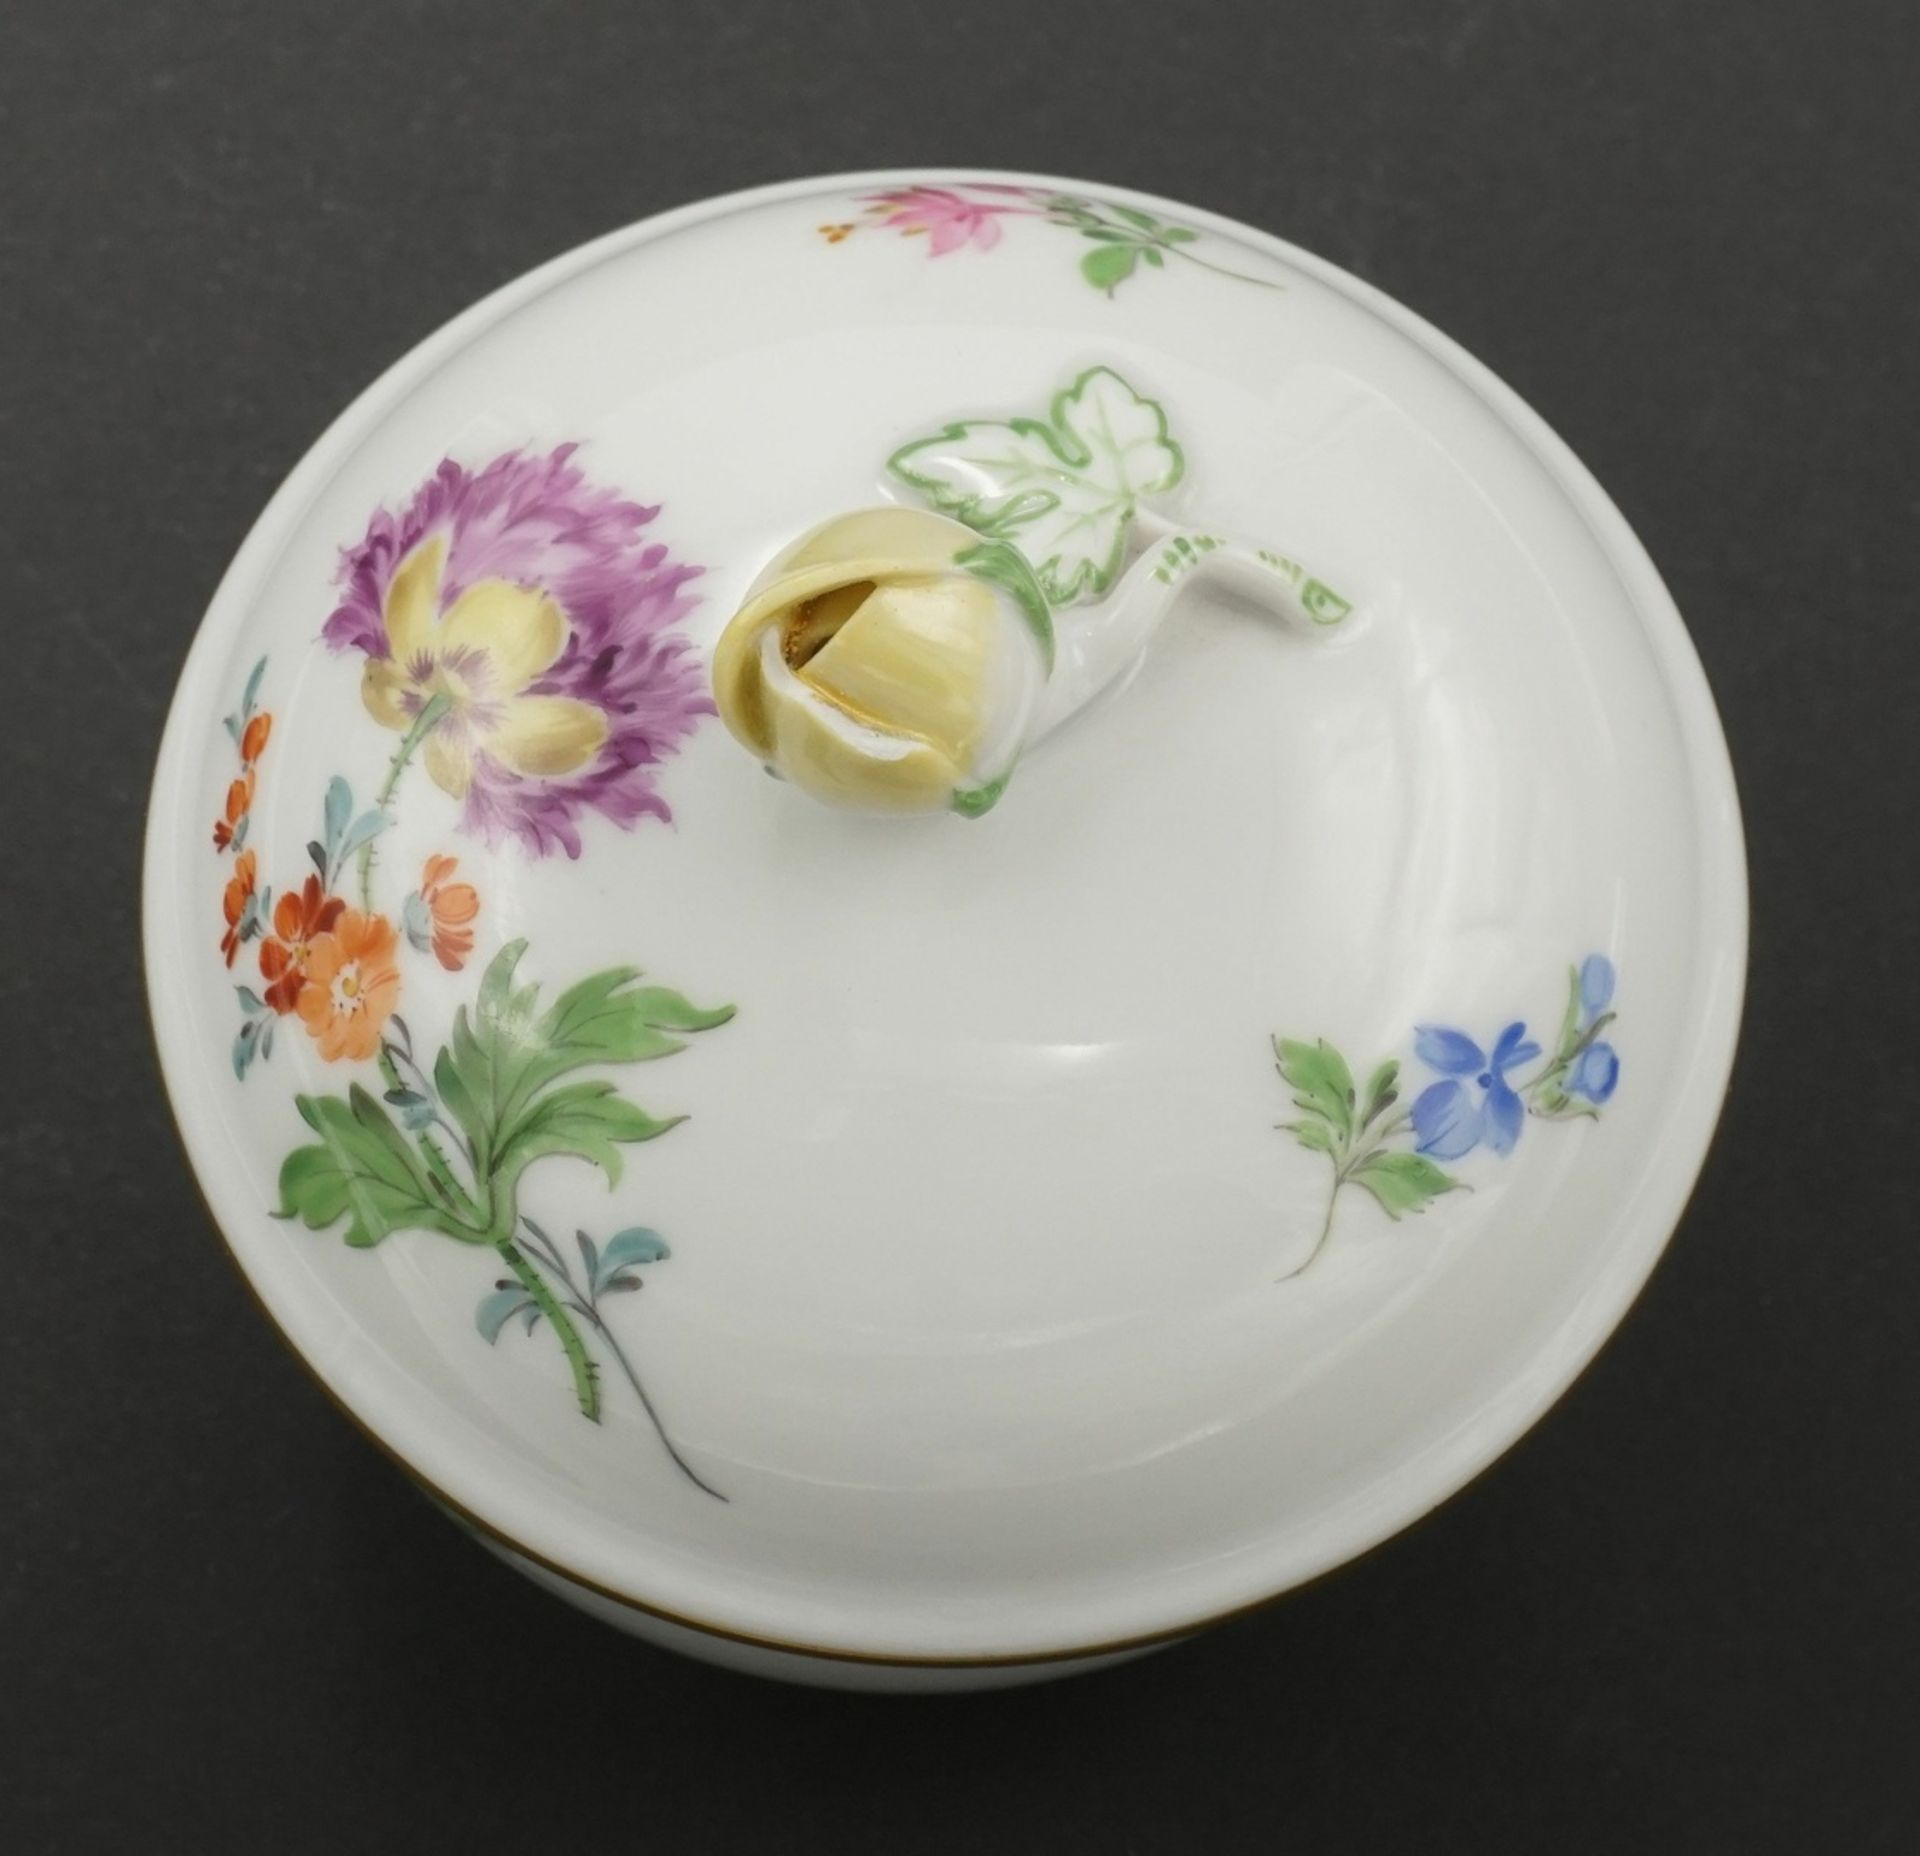 Sechs Meissen Kaffeegedecke mit Bunter Blume - Bild 5 aus 5